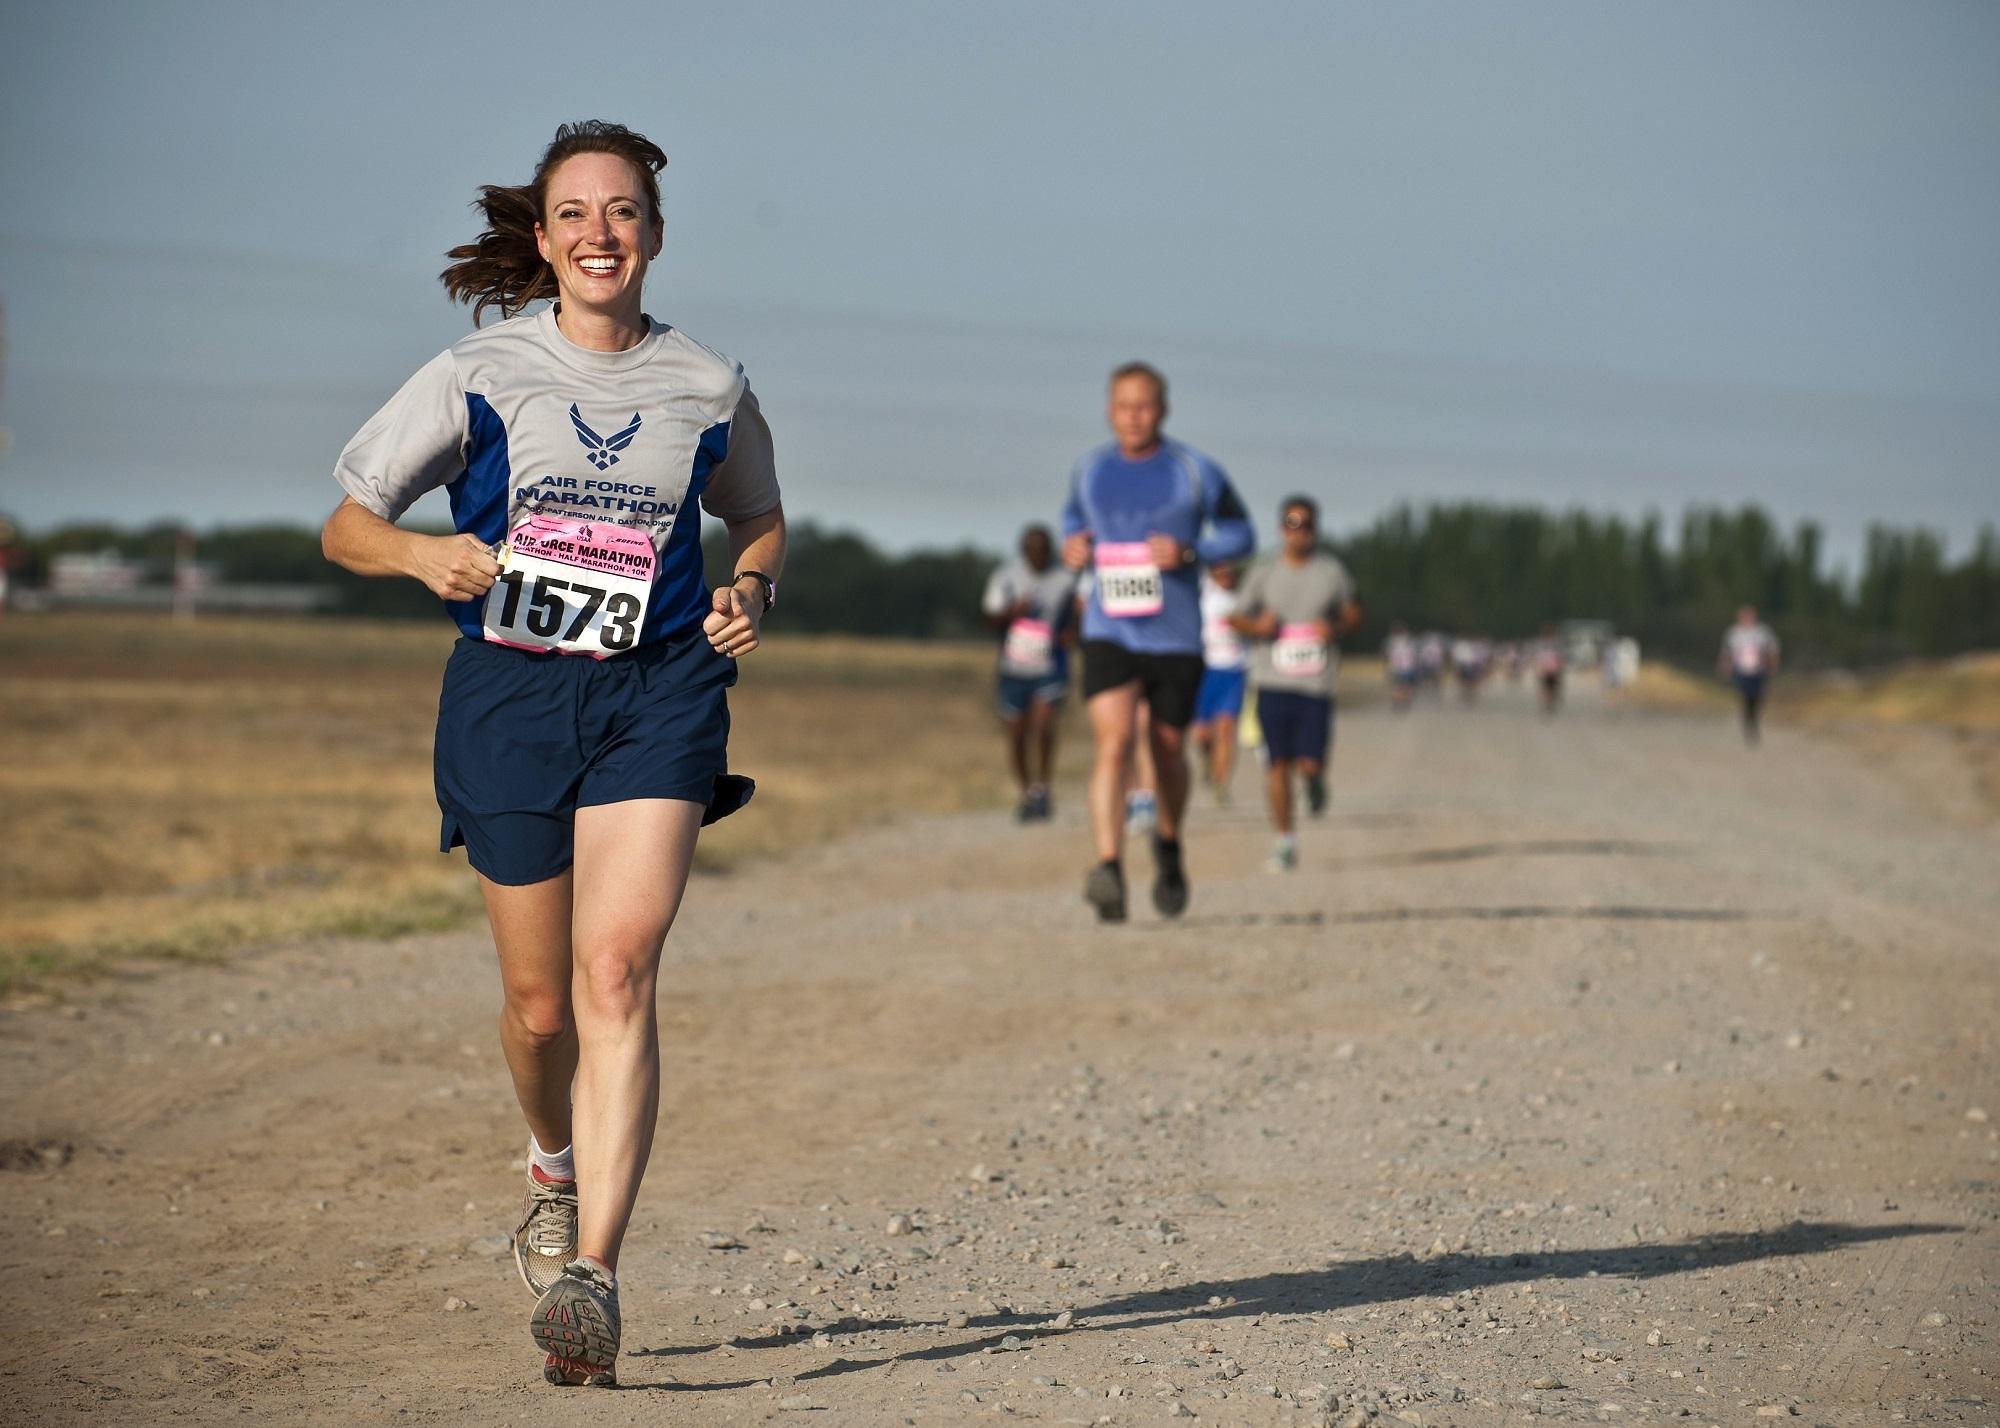 runner-888016.jpg